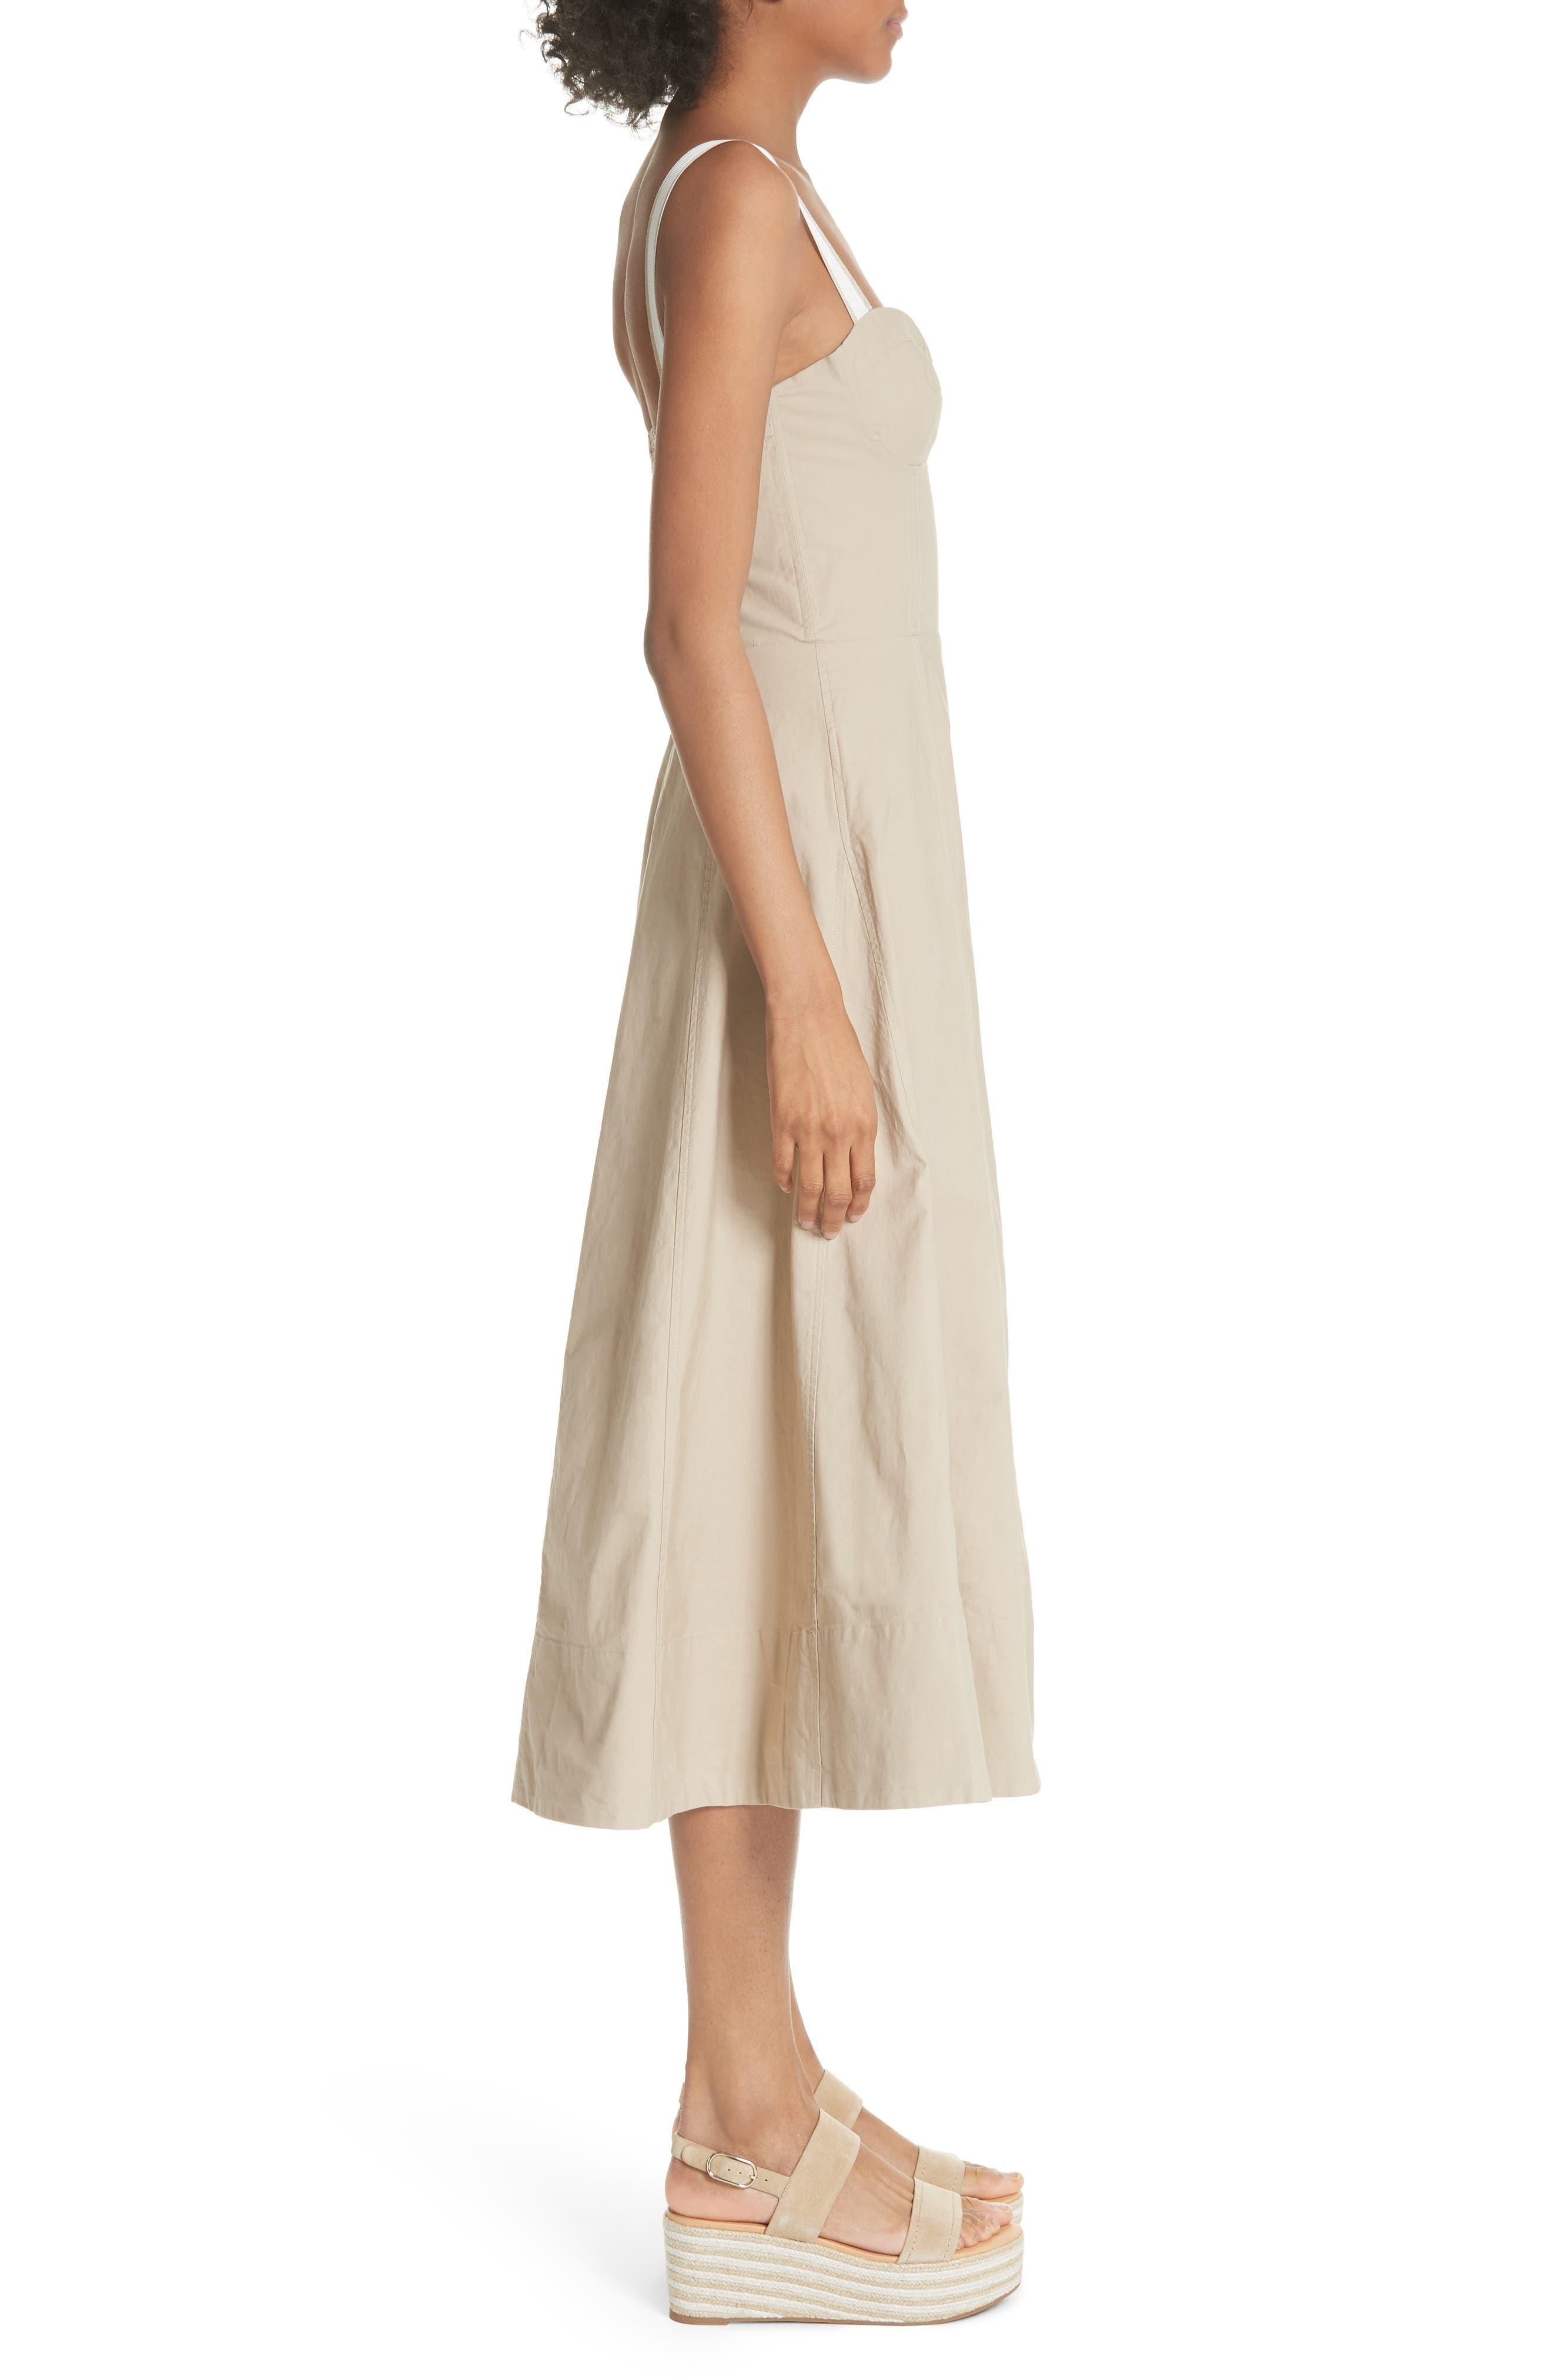 JOIE, Briel Midi Dress, Alternate thumbnail 3, color, 253